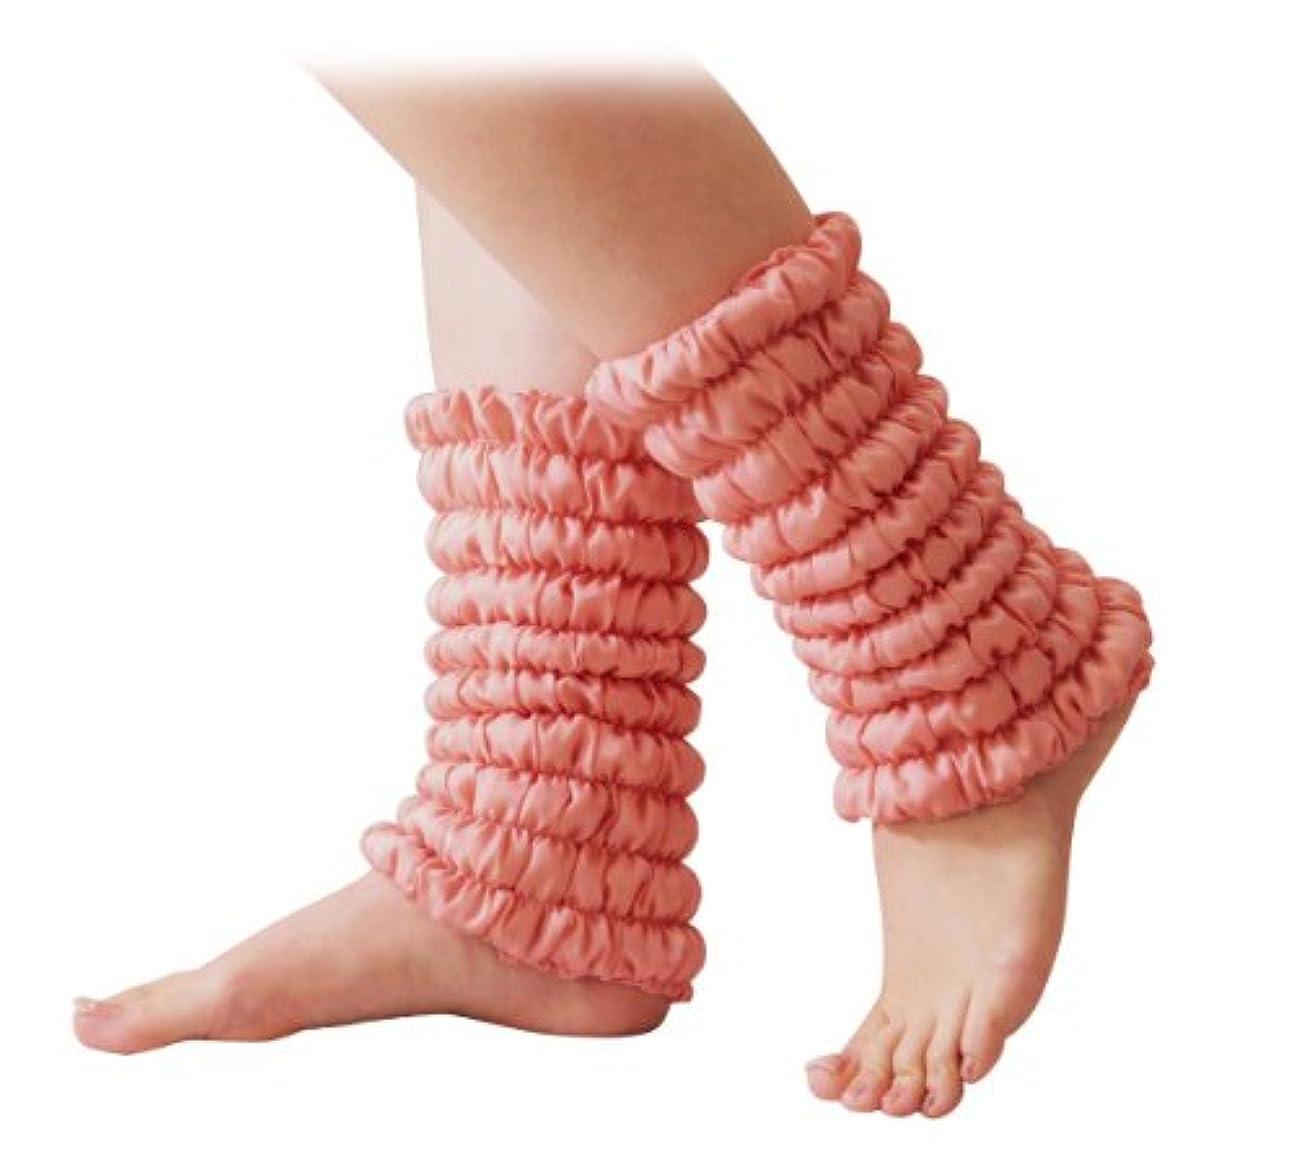 スタック義務的最初に富士パックス販売 オーラ 蓄熱繊維 足湯気分 「 足首 岩盤浴 ウォーマー 」 ピンク